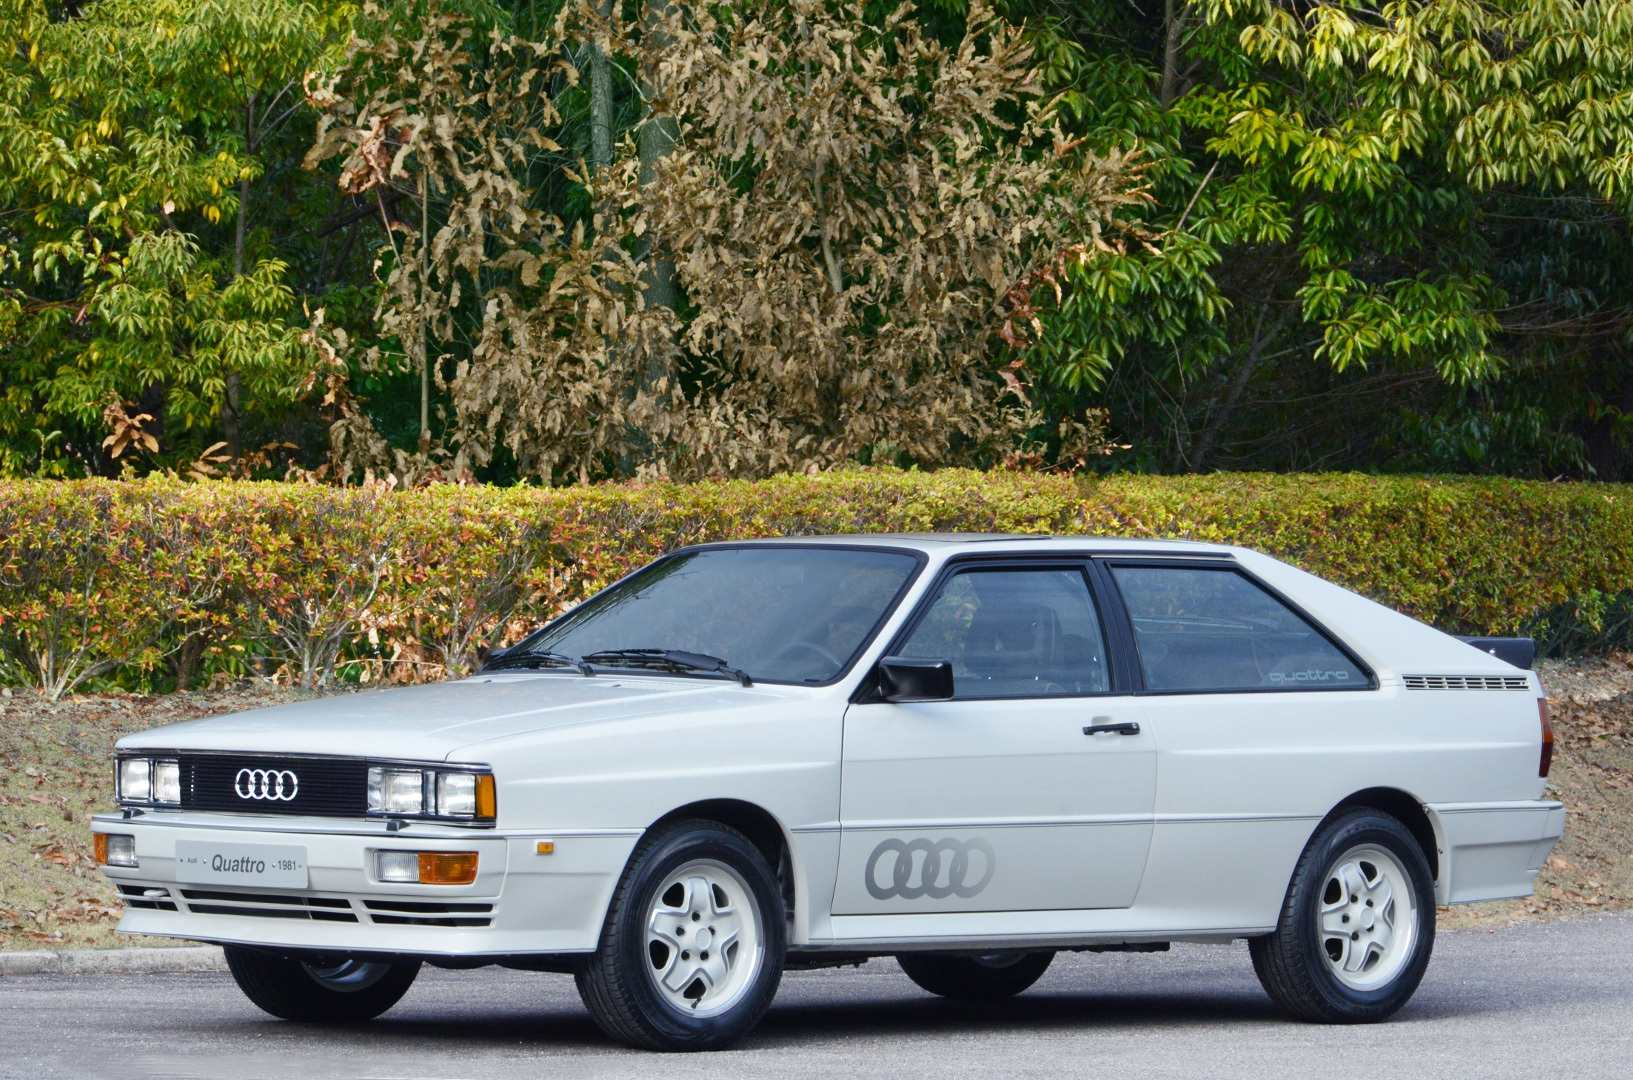 Audi Quattro (1981)